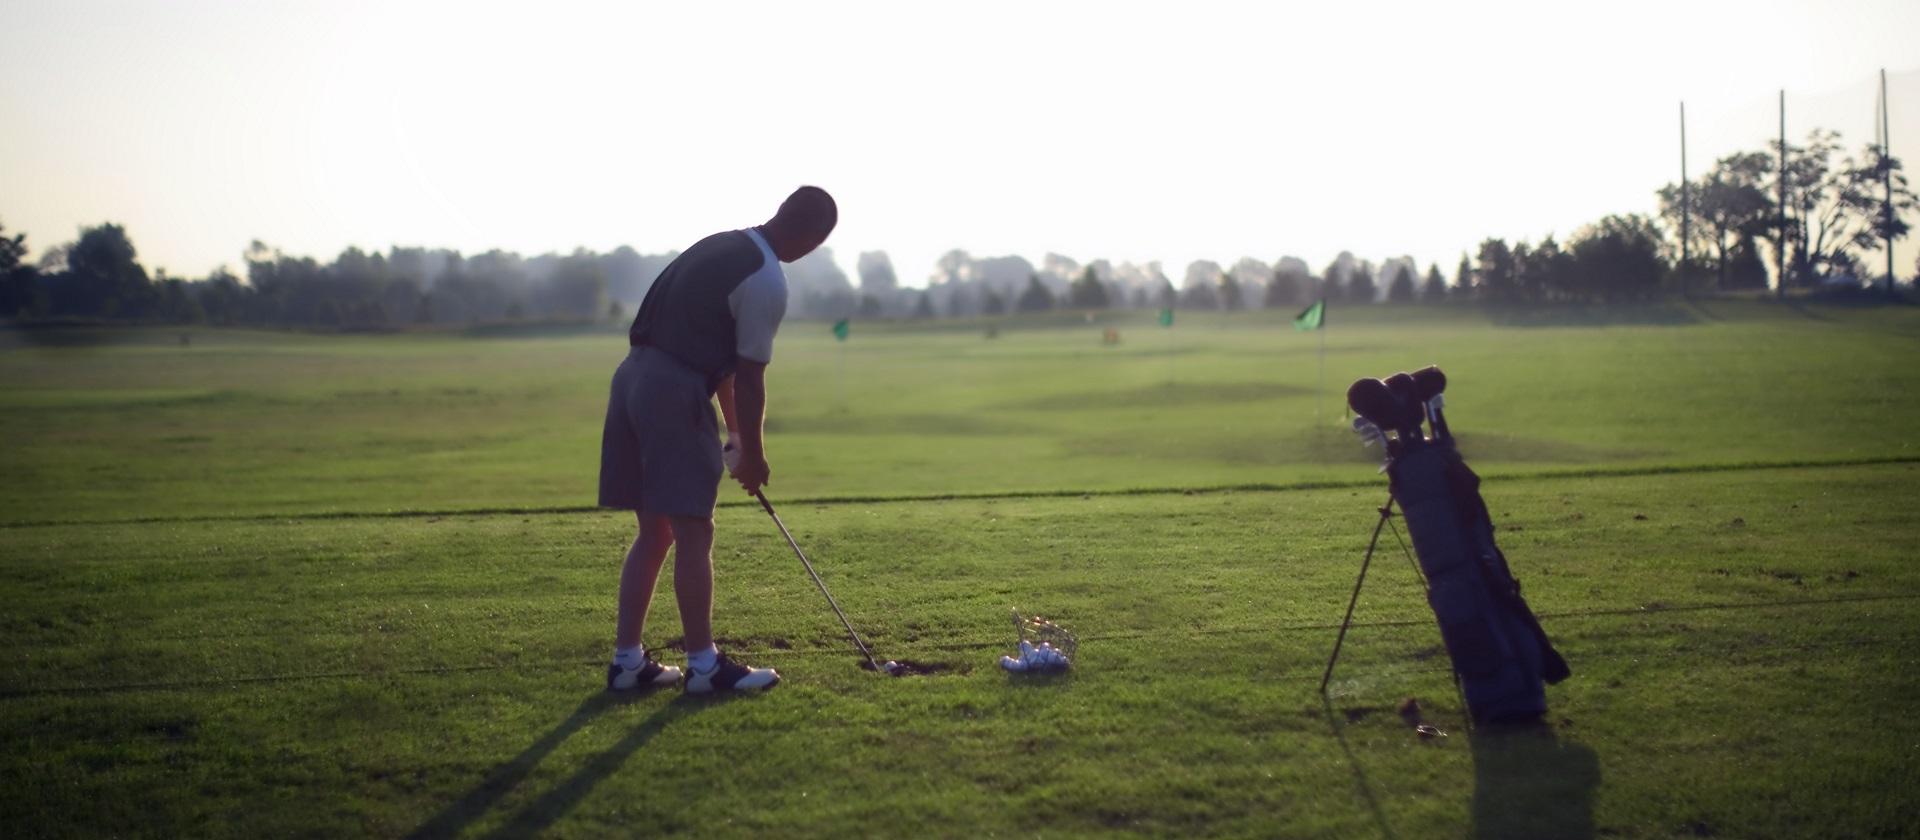 Golfing at Bathurst Glen